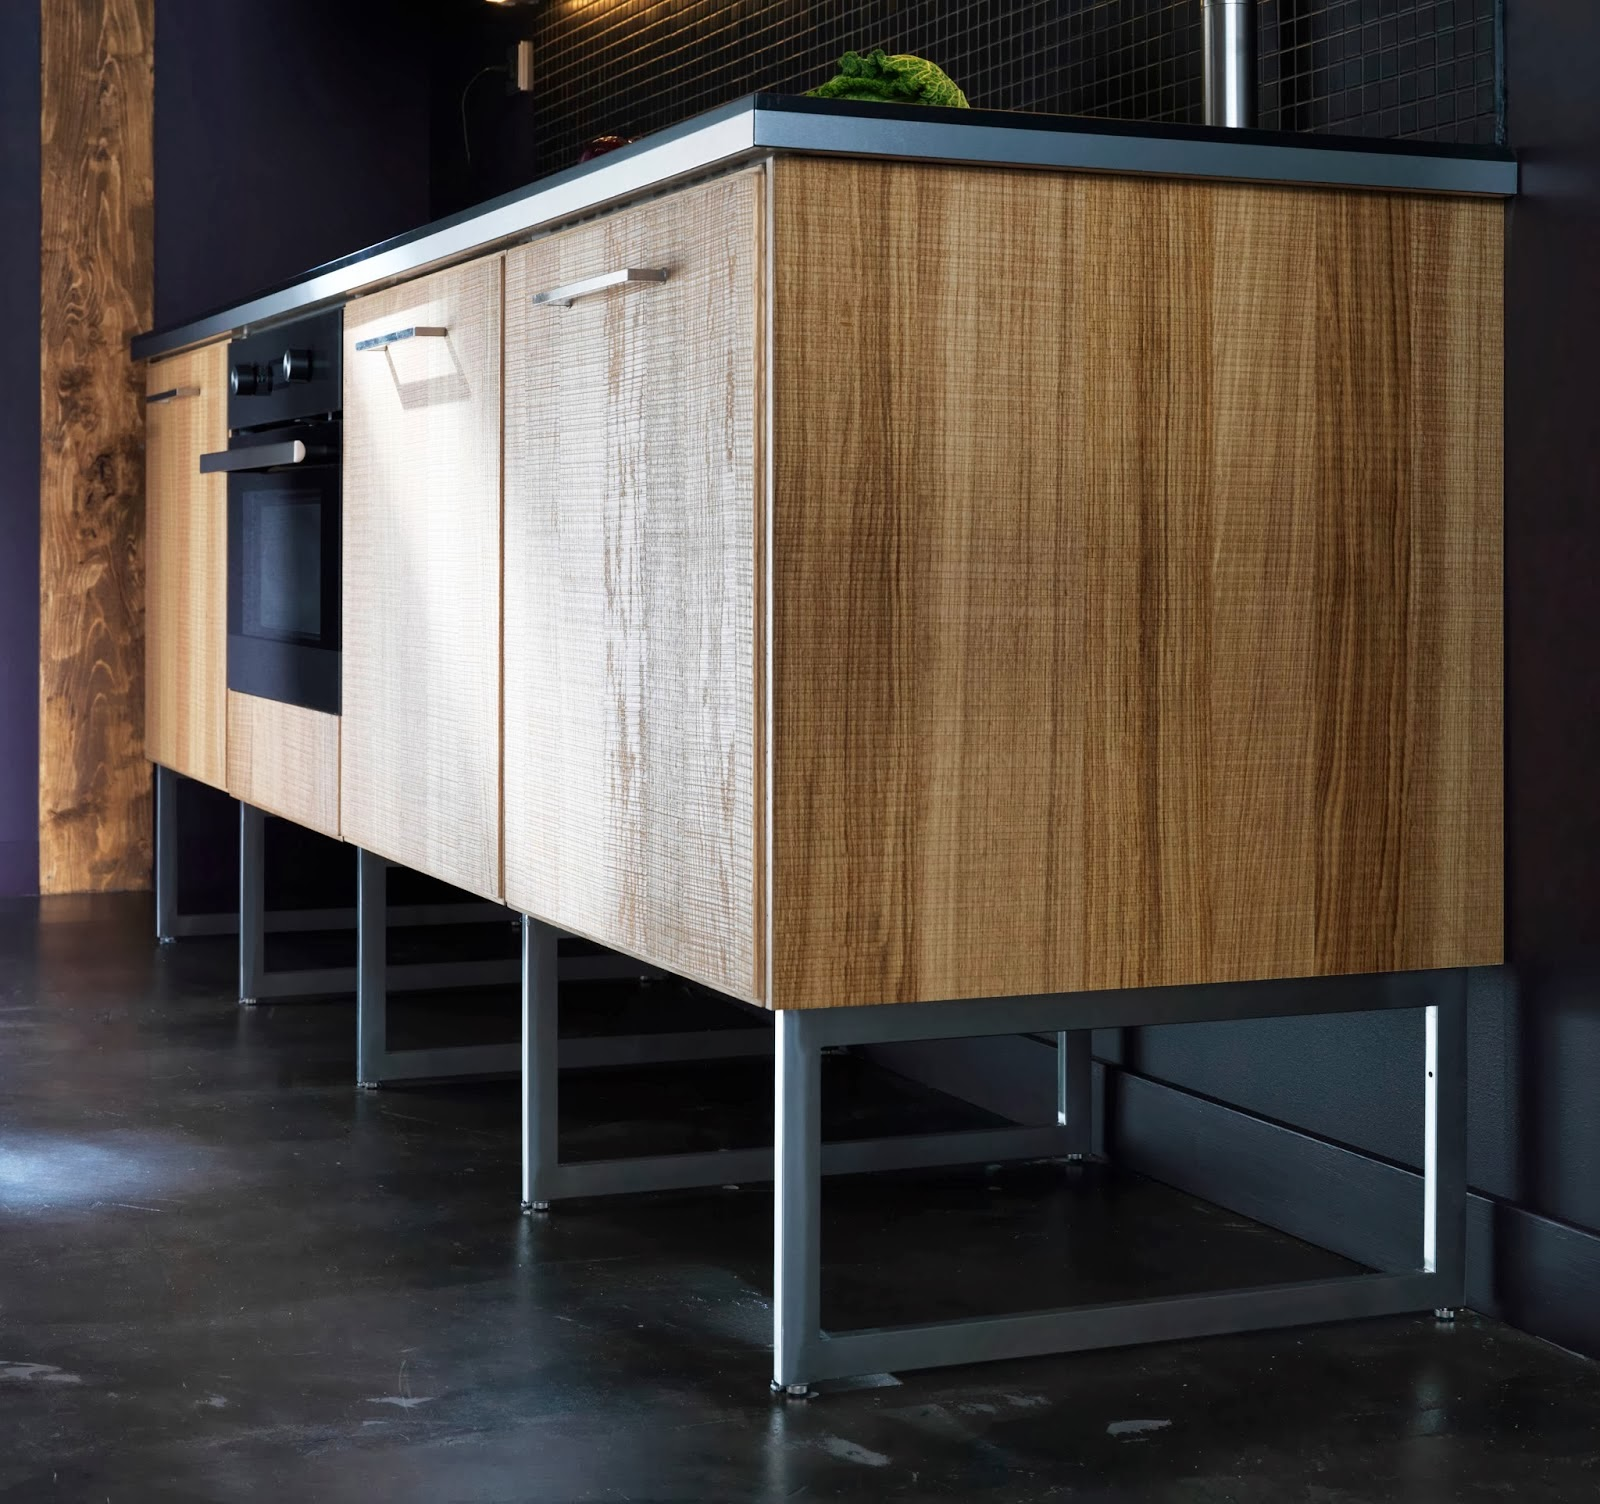 Decoraci n f cil nuevas cocinas de ikea metod - Patas muebles ikea ...